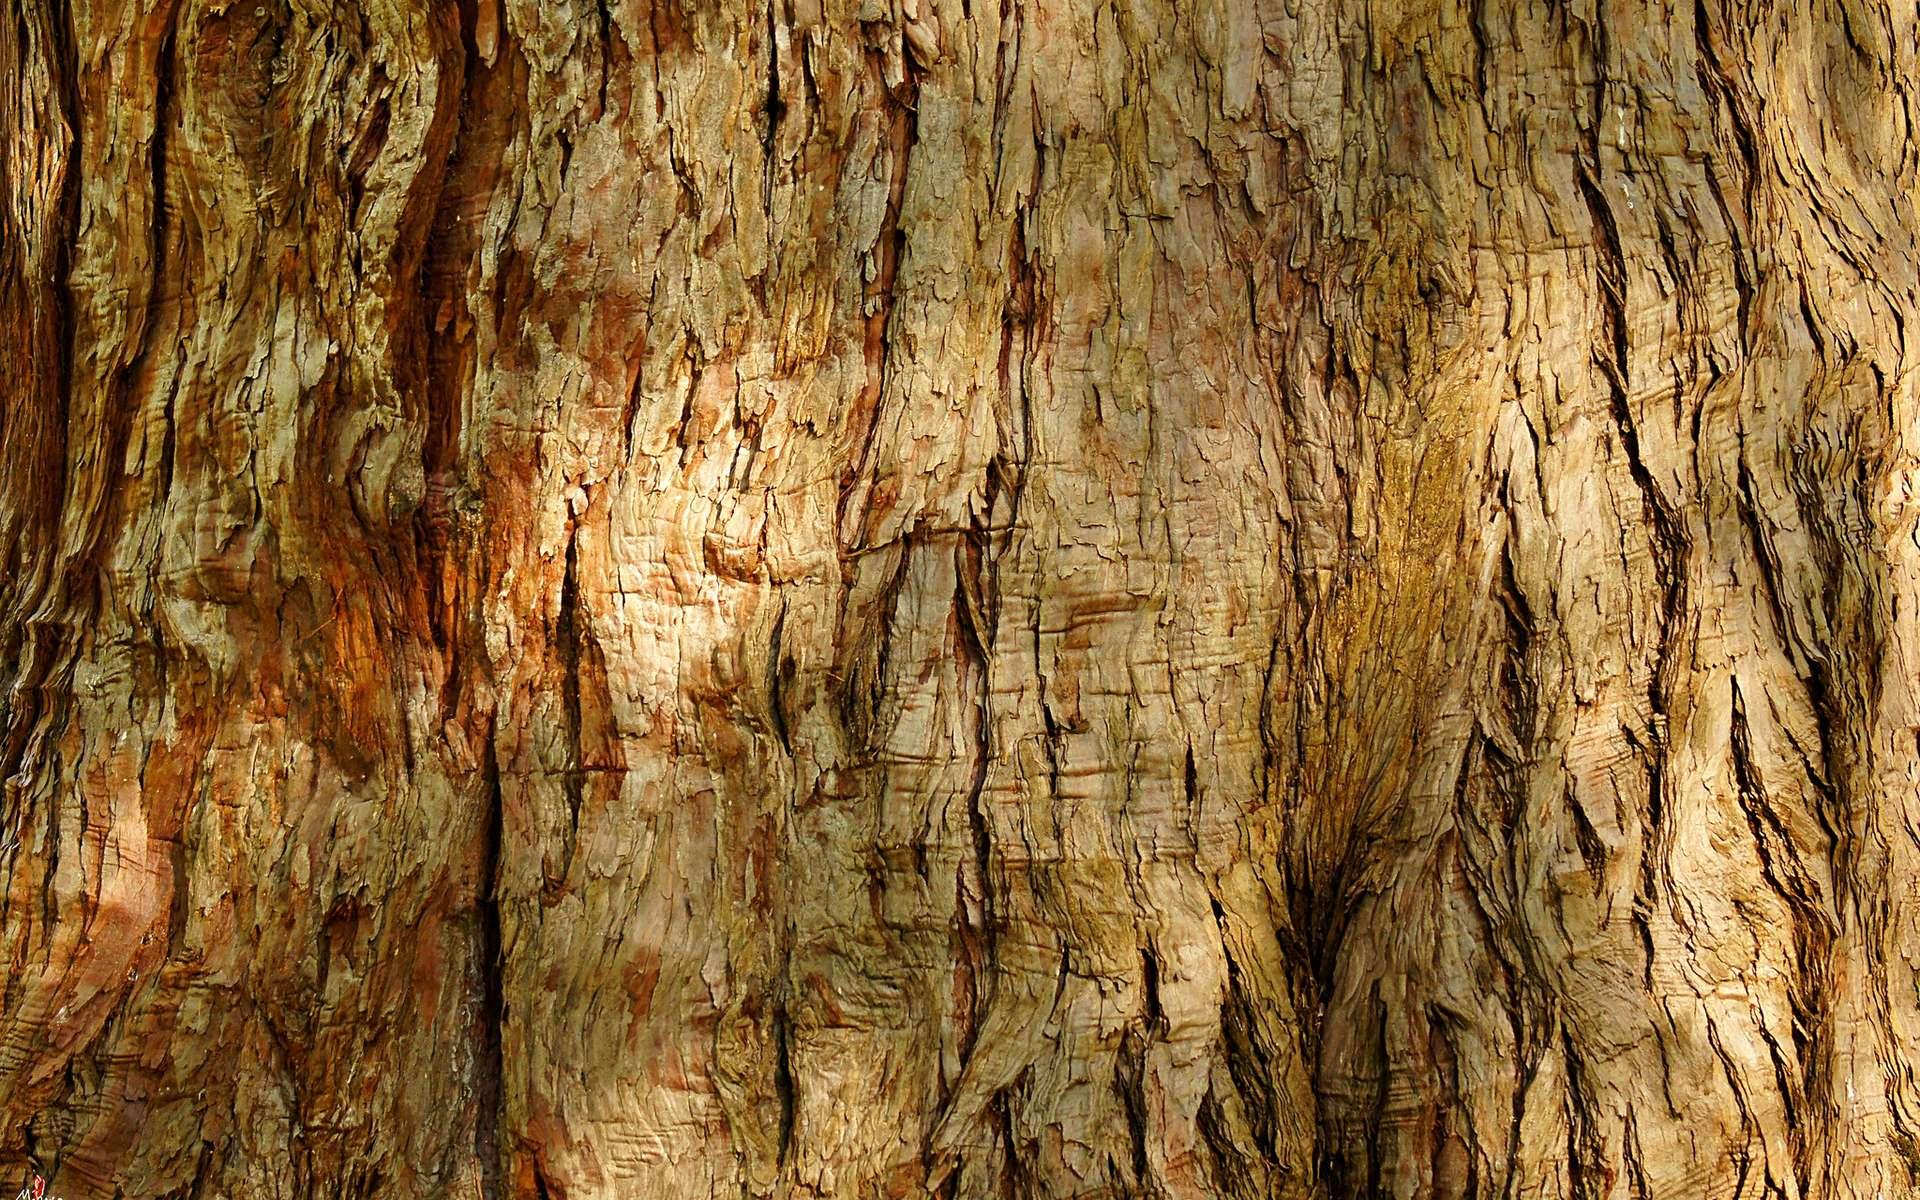 Le bois est un matériau composite dont la matrice est faite de lignine et le renfort, de fibres de cellulose. © laurentmorand, Flickr, CC by-NC-ND 2.0